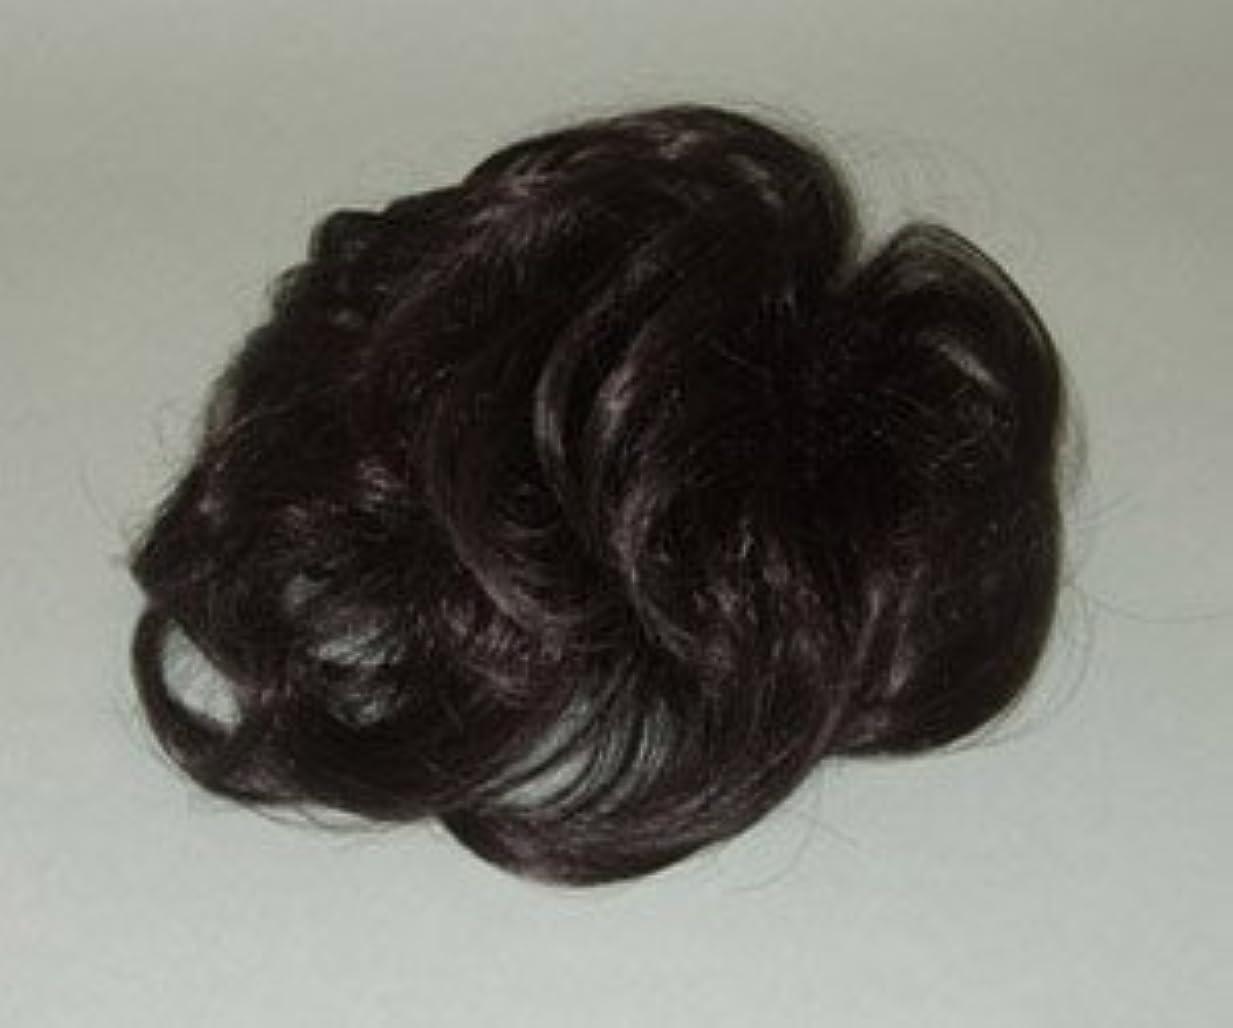 靴下杖レンディション富士パックス販売 ボンヘアー BON HAIR (ボリュームアップタイプ) ブラウン